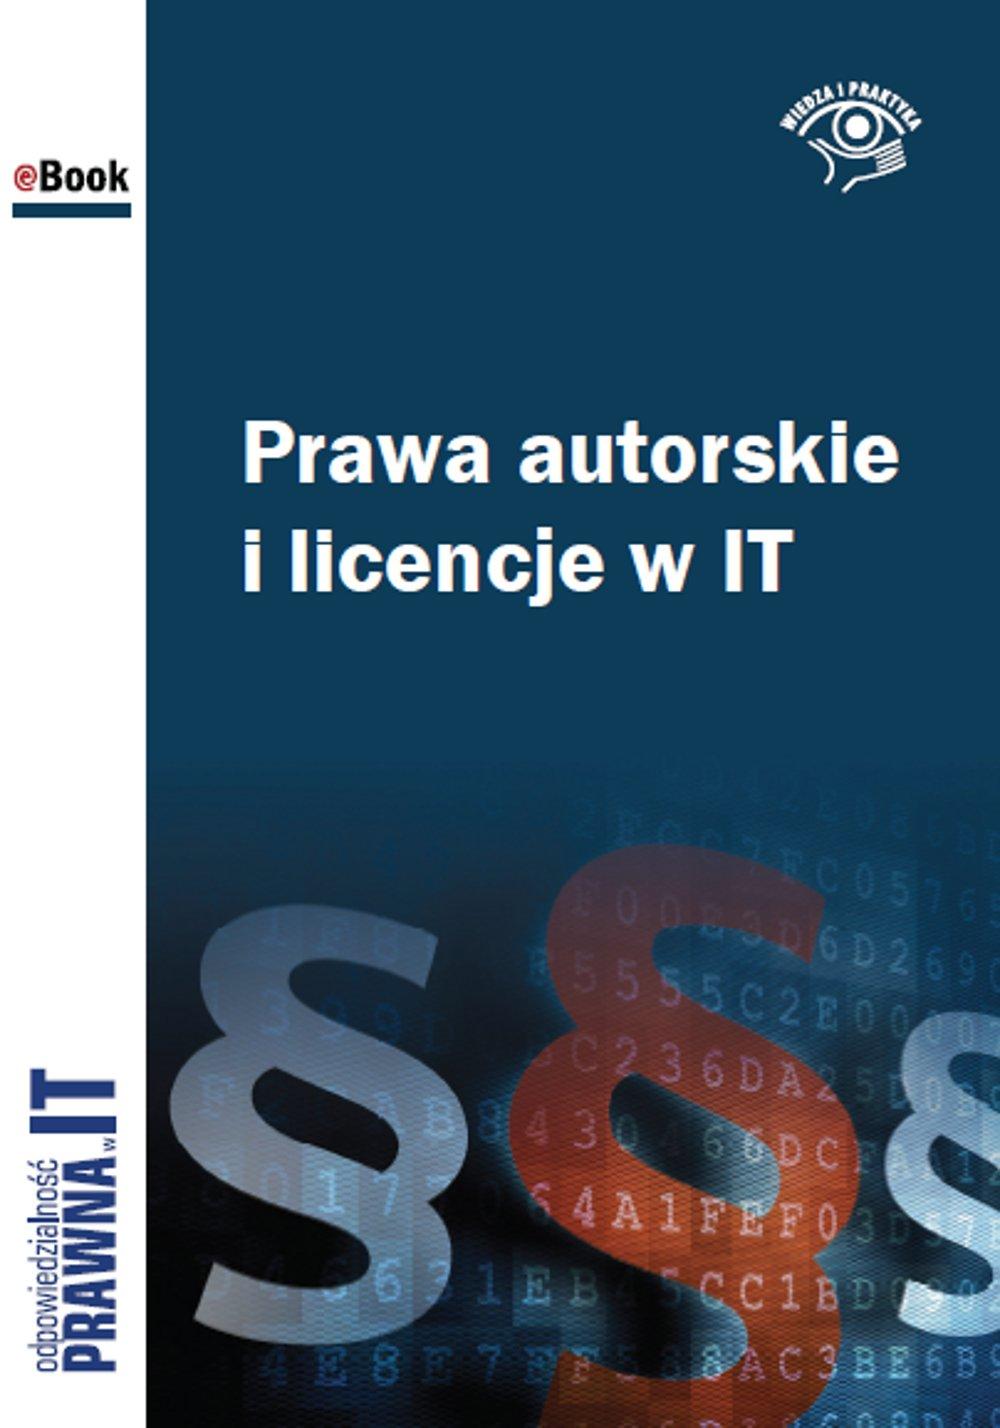 Prawa autorskie i licencje w IT - Ebook (Książka EPUB) do pobrania w formacie EPUB